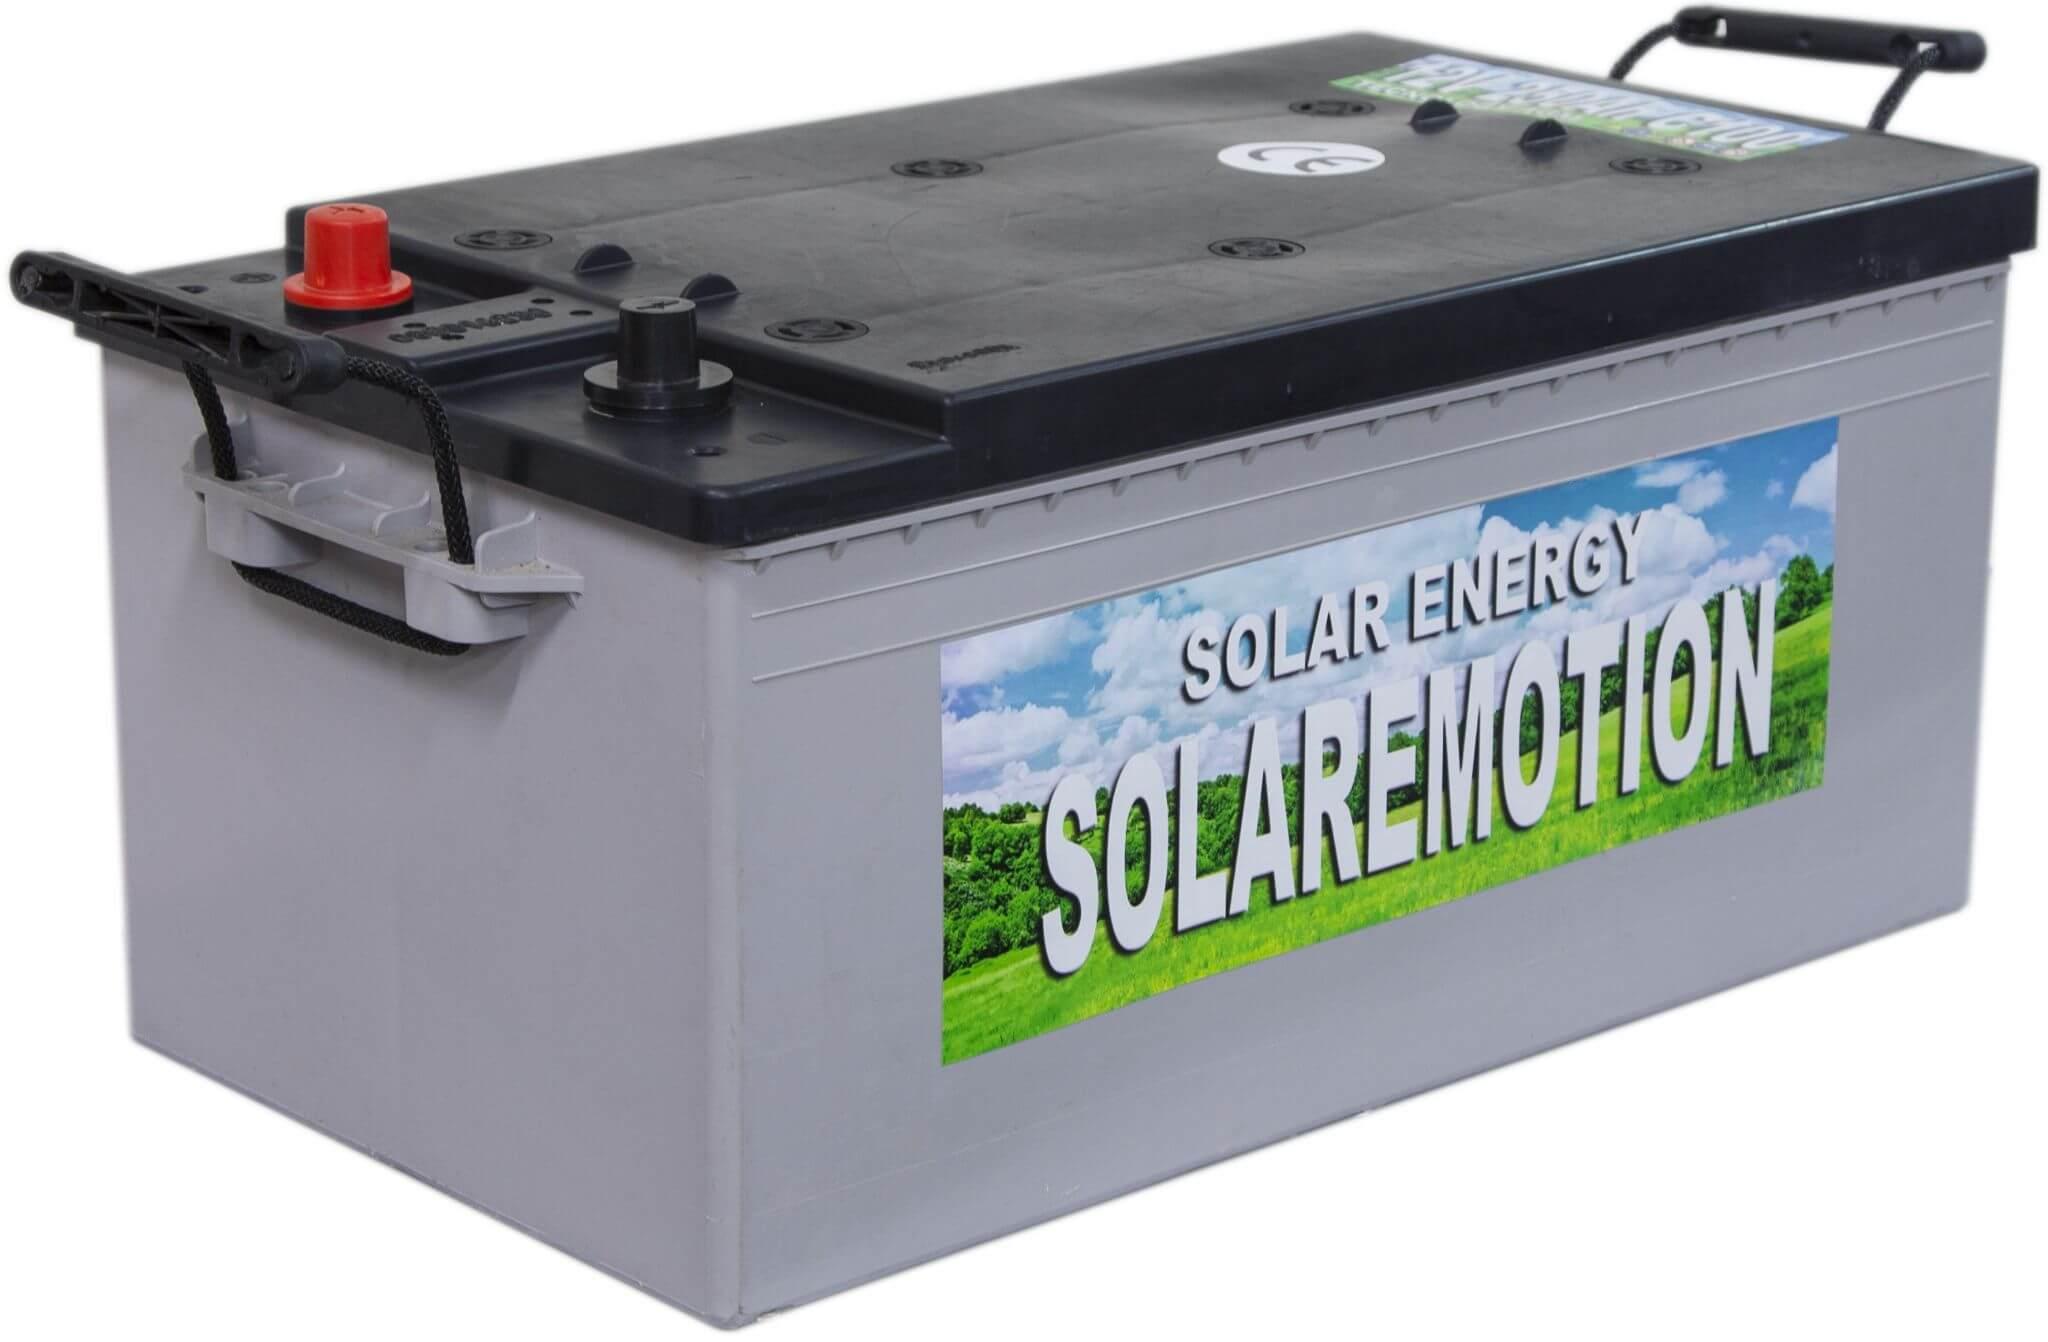 Baterías solares: Aplicación en sistemas aislados fotovoltaicos 7